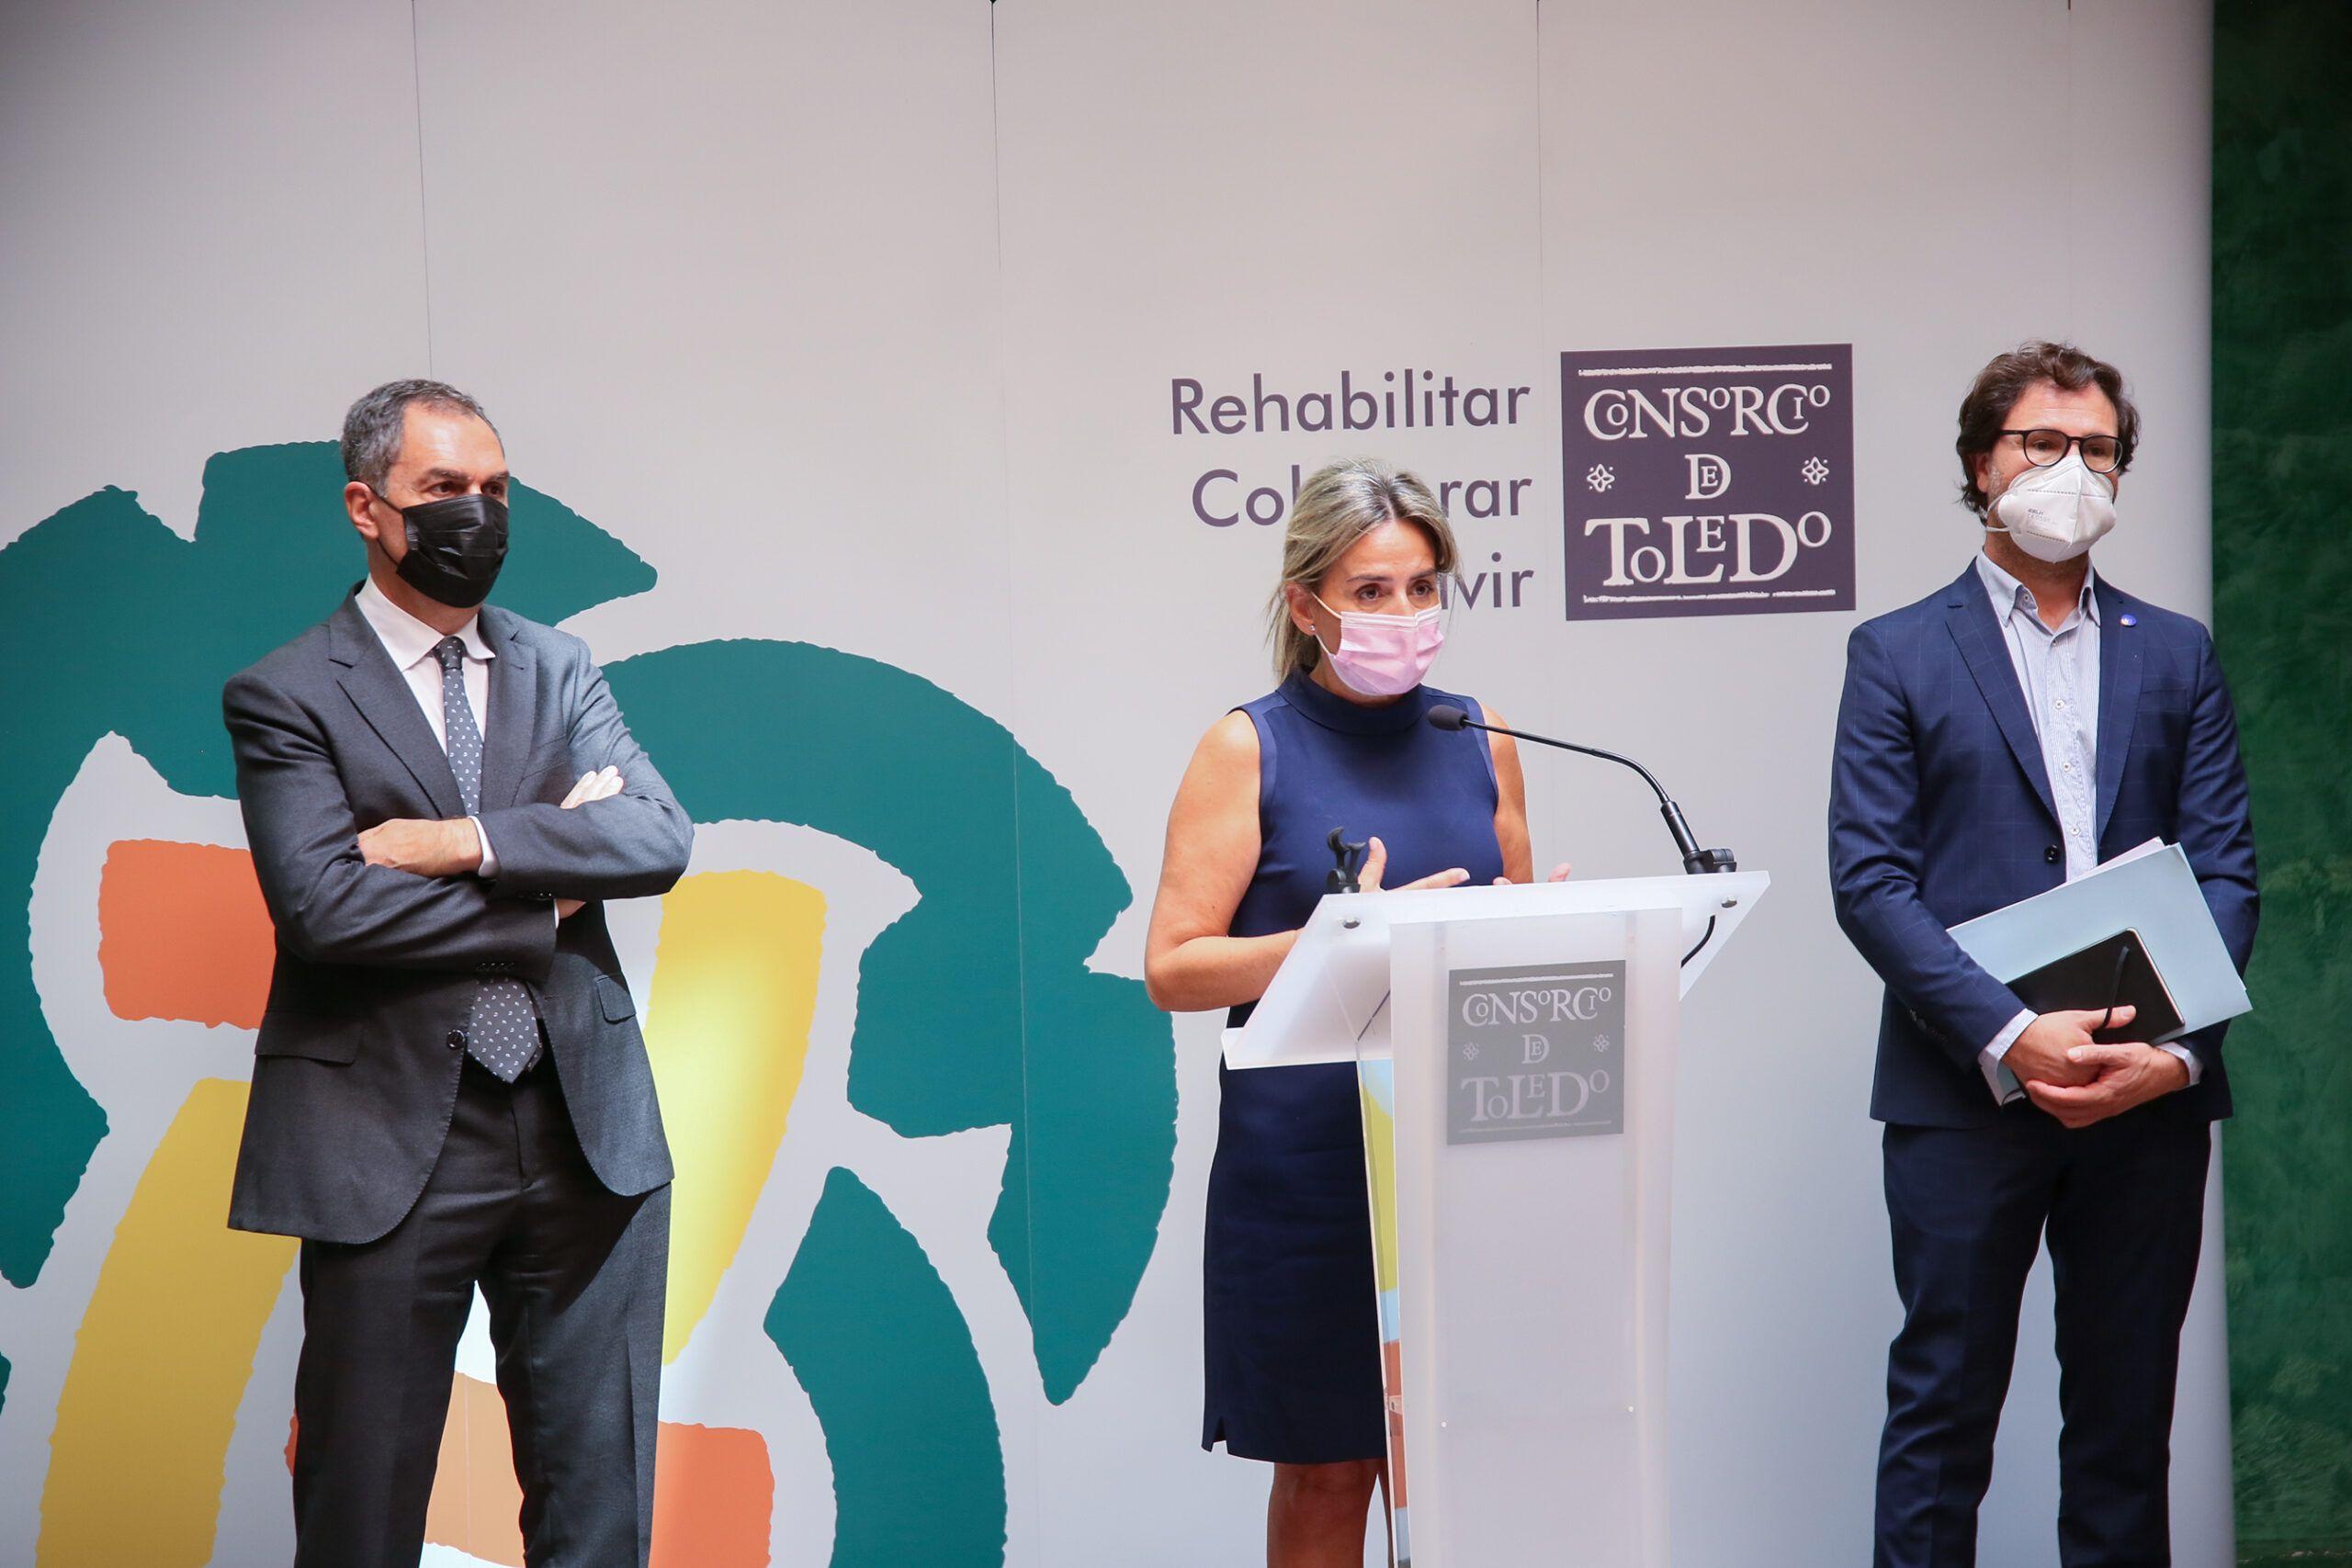 La alcaldesa avanza que el Consorcio va a reforzar la convocatoria de ayudas a la rehabilitación para fijar y atraer población en el Casco